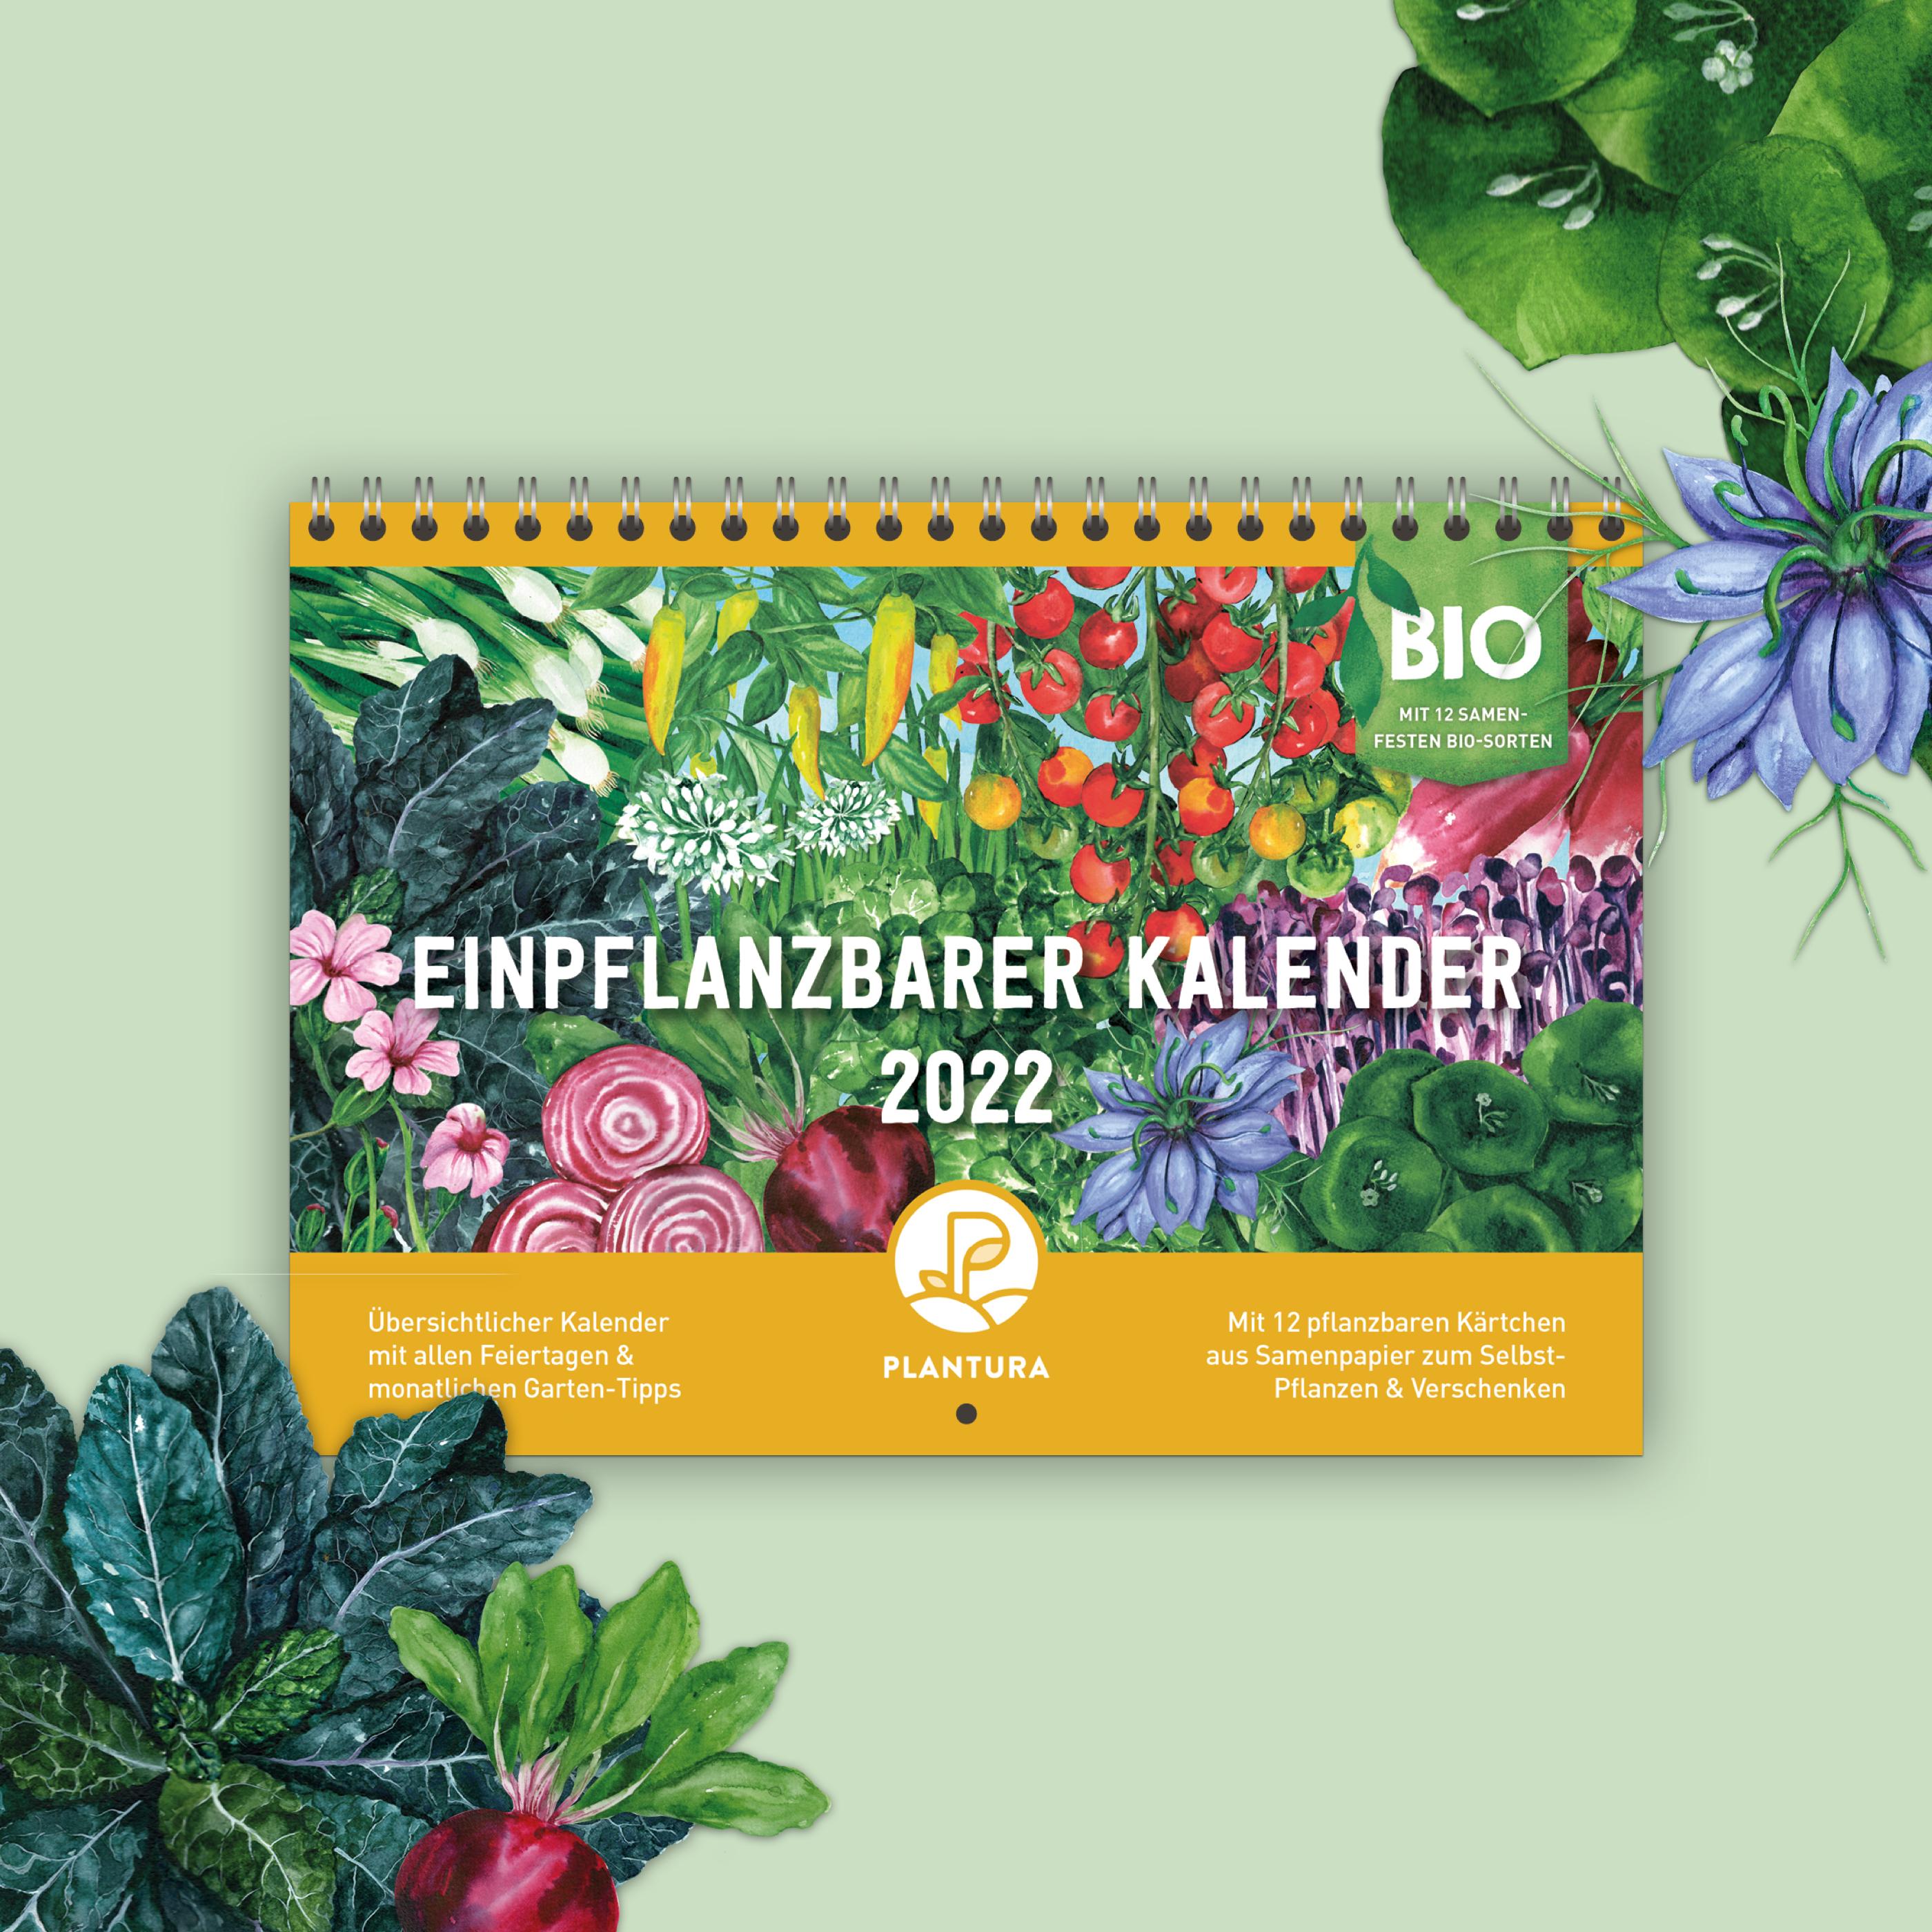 Einpflanzbarer Kalender 2022 von Plantura